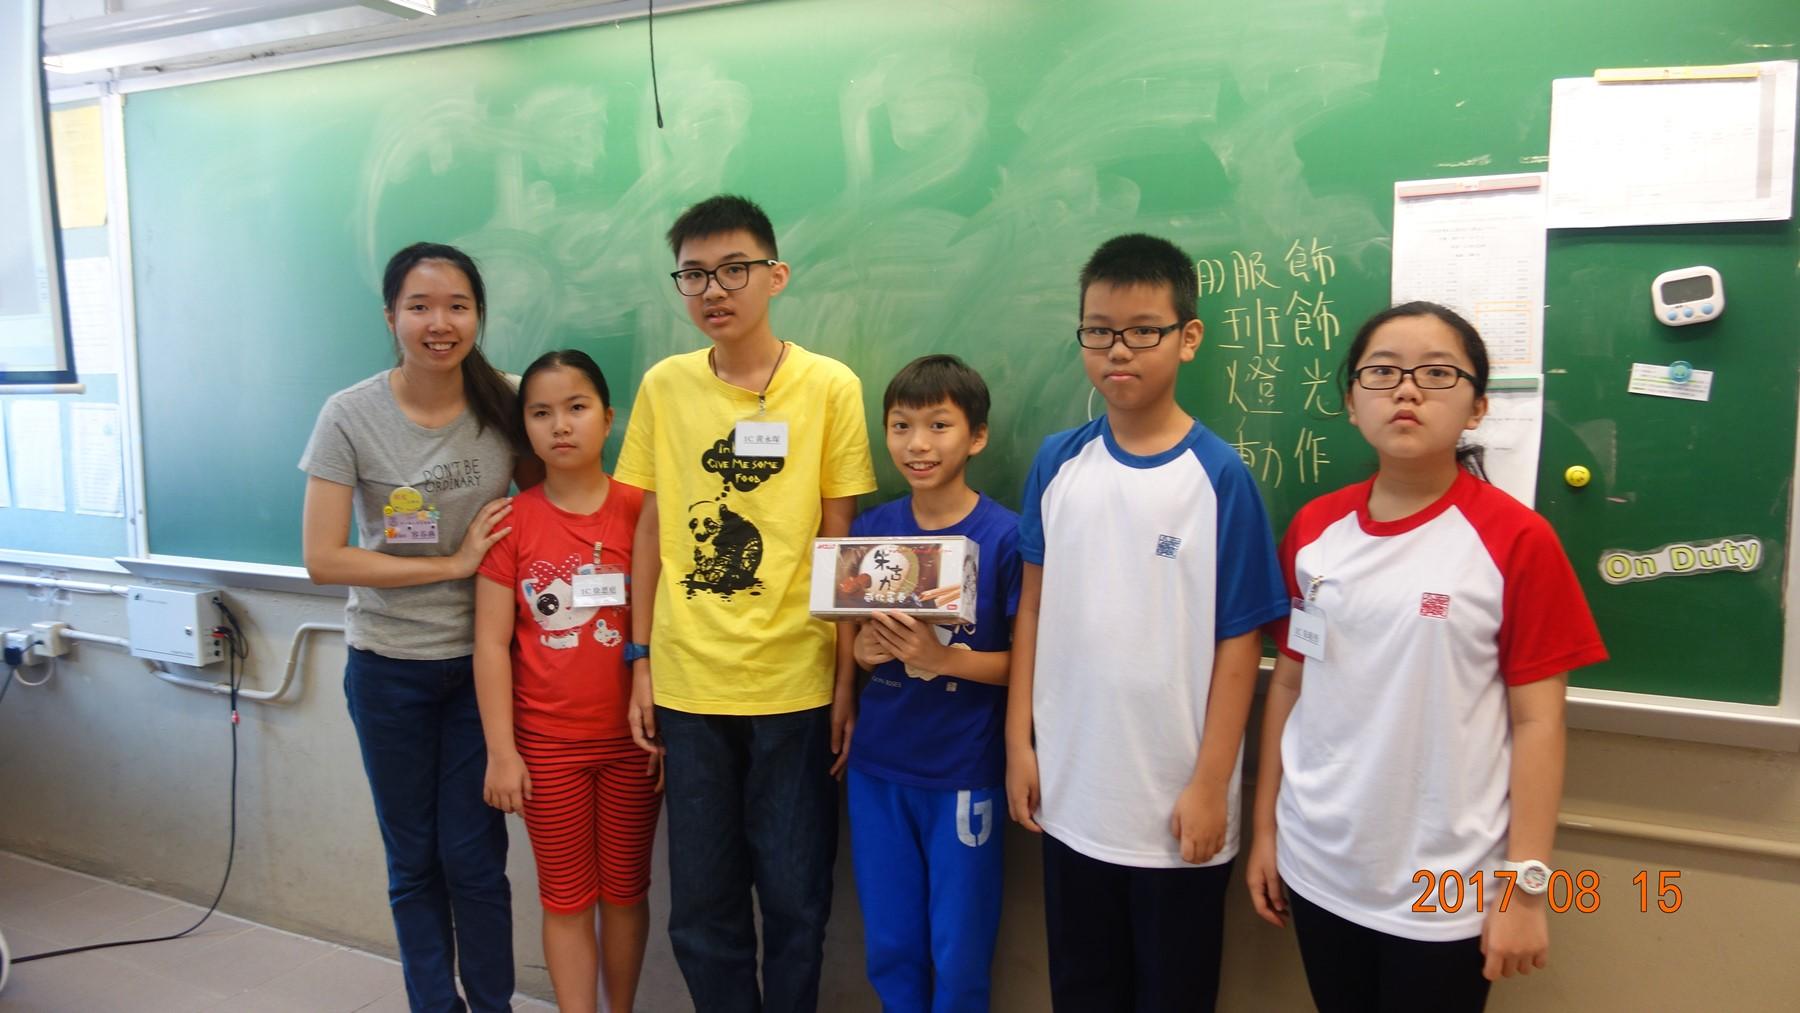 http://www.npc.edu.hk/sites/default/files/1c_hu_li_hu_mian_zhong_zhi_cheng_cheng_20170814_04.jpg